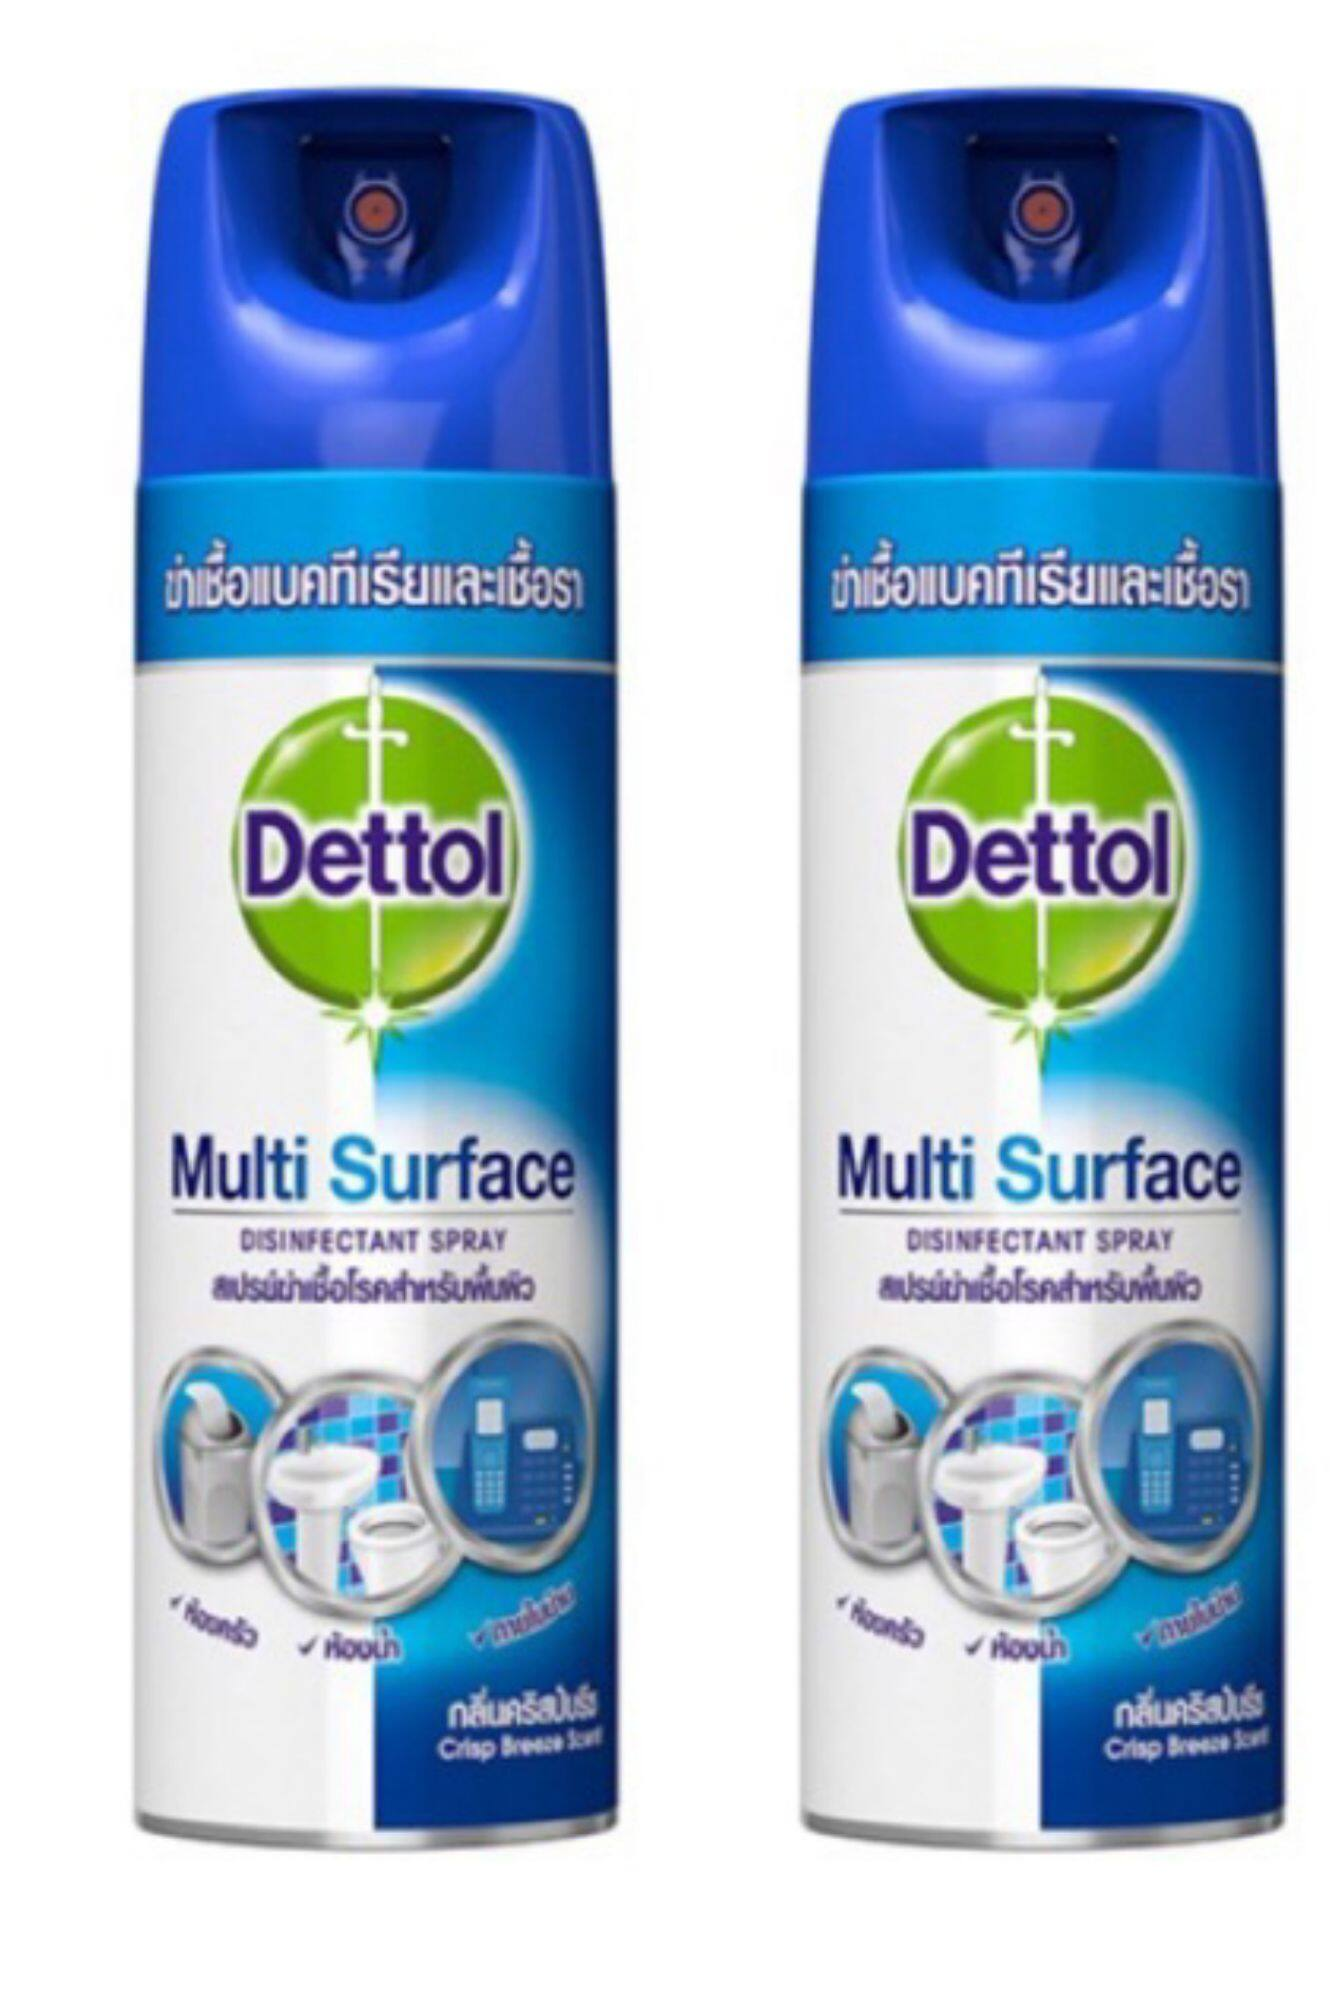 Dettol เดทตอล อิสอินเฟคแทนท์ สเปรย์ฆ่าเชื้อโรคสำหรับพื้นผิว กลิ่นคริสป์ ขนาด 450 ml. (2 กระป๋อง)